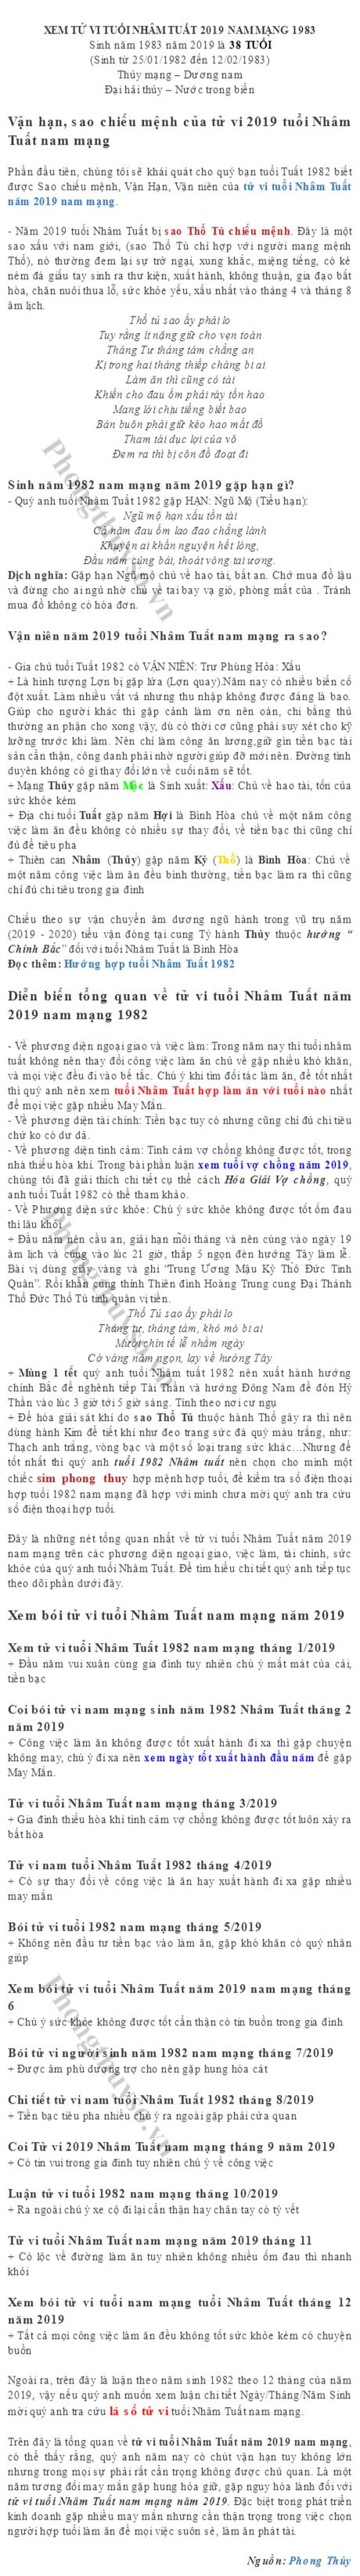 tu-vi-tuoi-nham-tuat-nam-2019-nam-mang